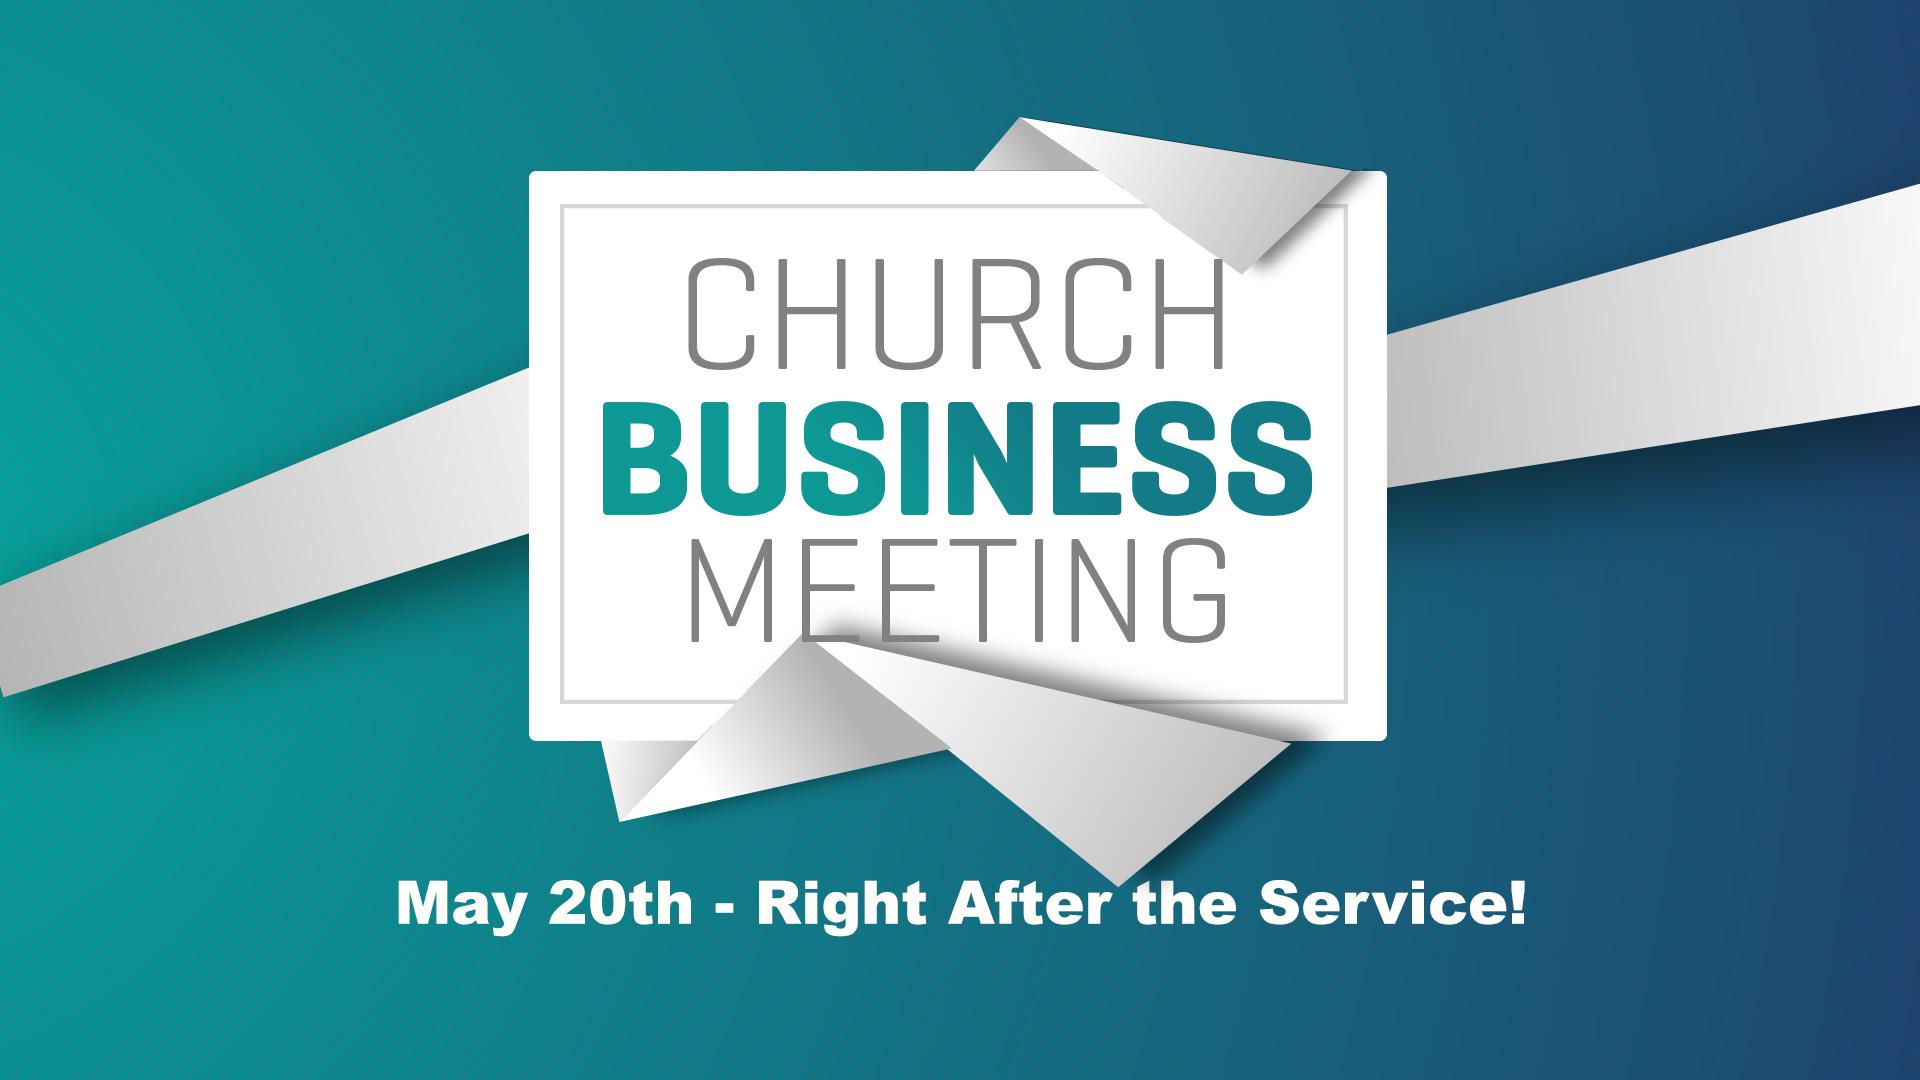 Church Business Meeting 20th.jpg